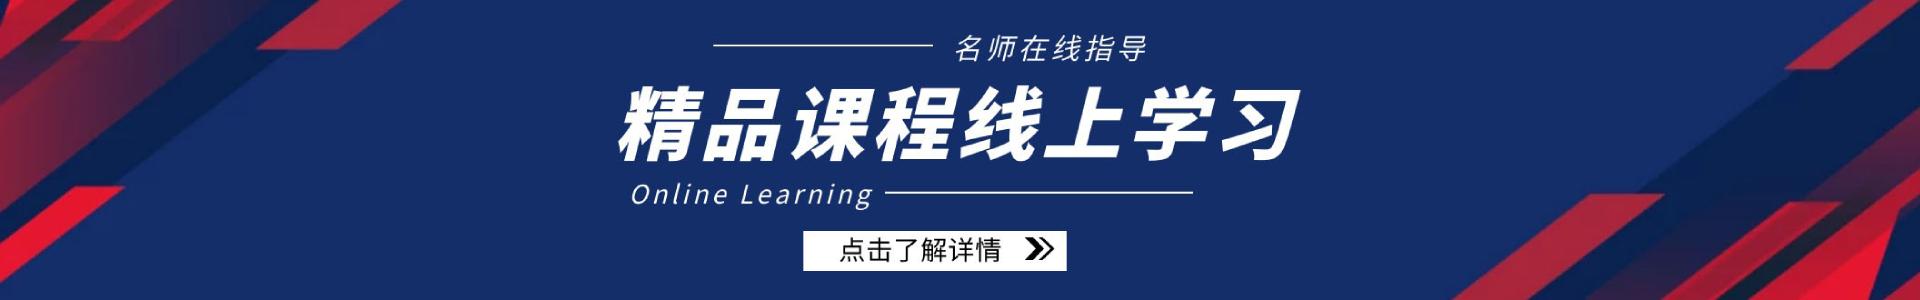 厦门华南设计培训学校